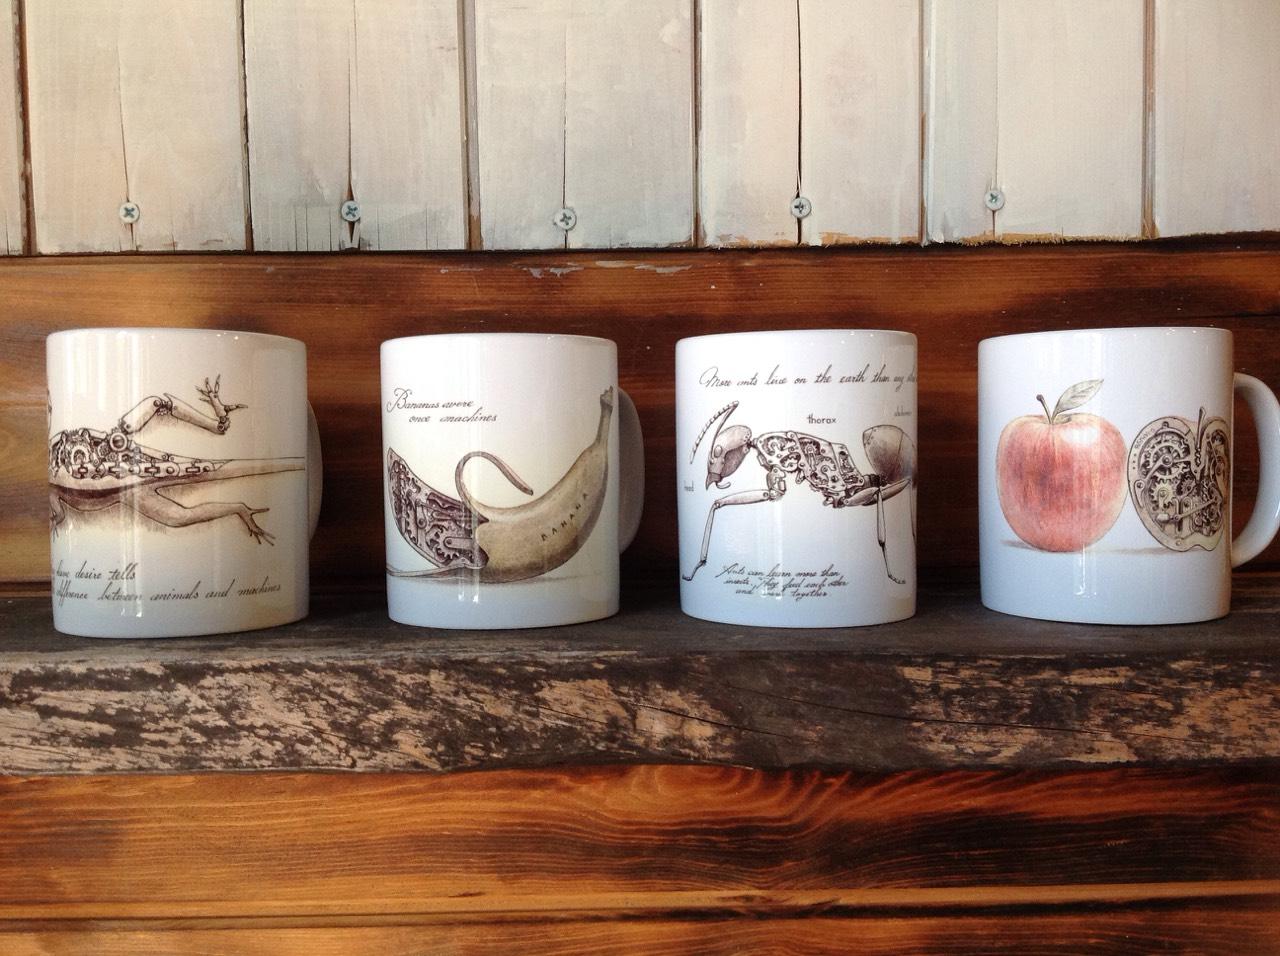 My mugs